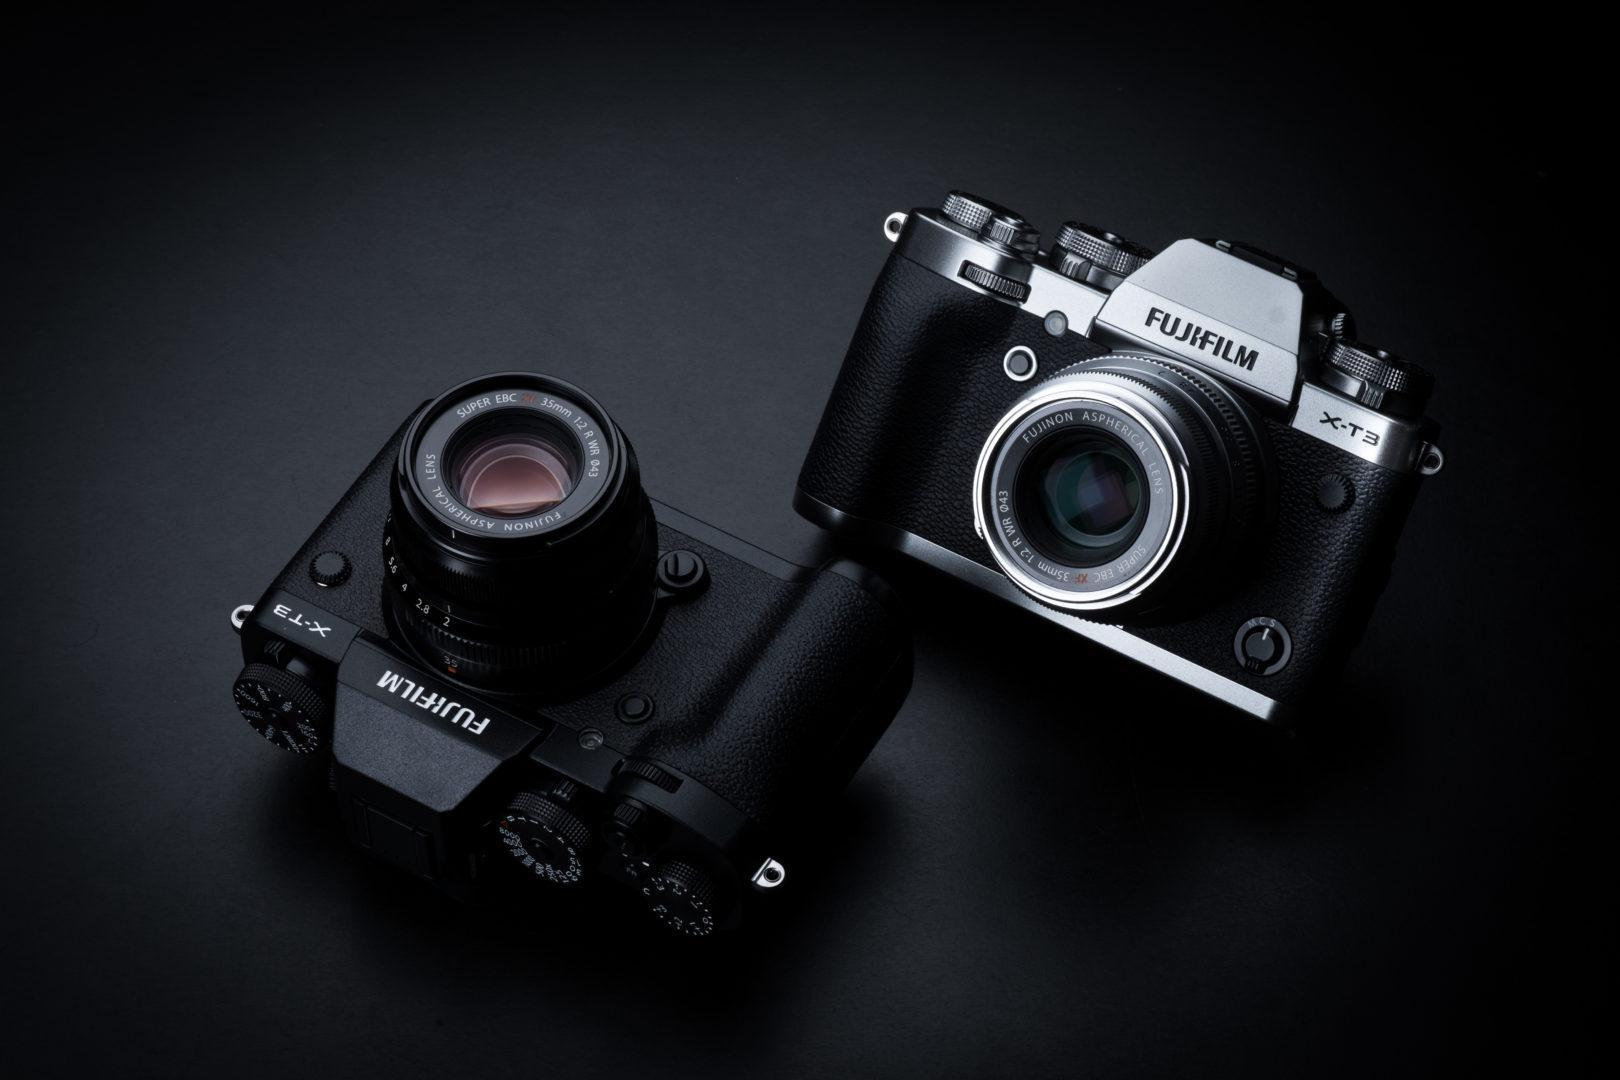 Duas câmeras Fujifilm mirrorless X Series em um fundo escuro. O modelo é X-T3, uma de cor preta e outra prateada.